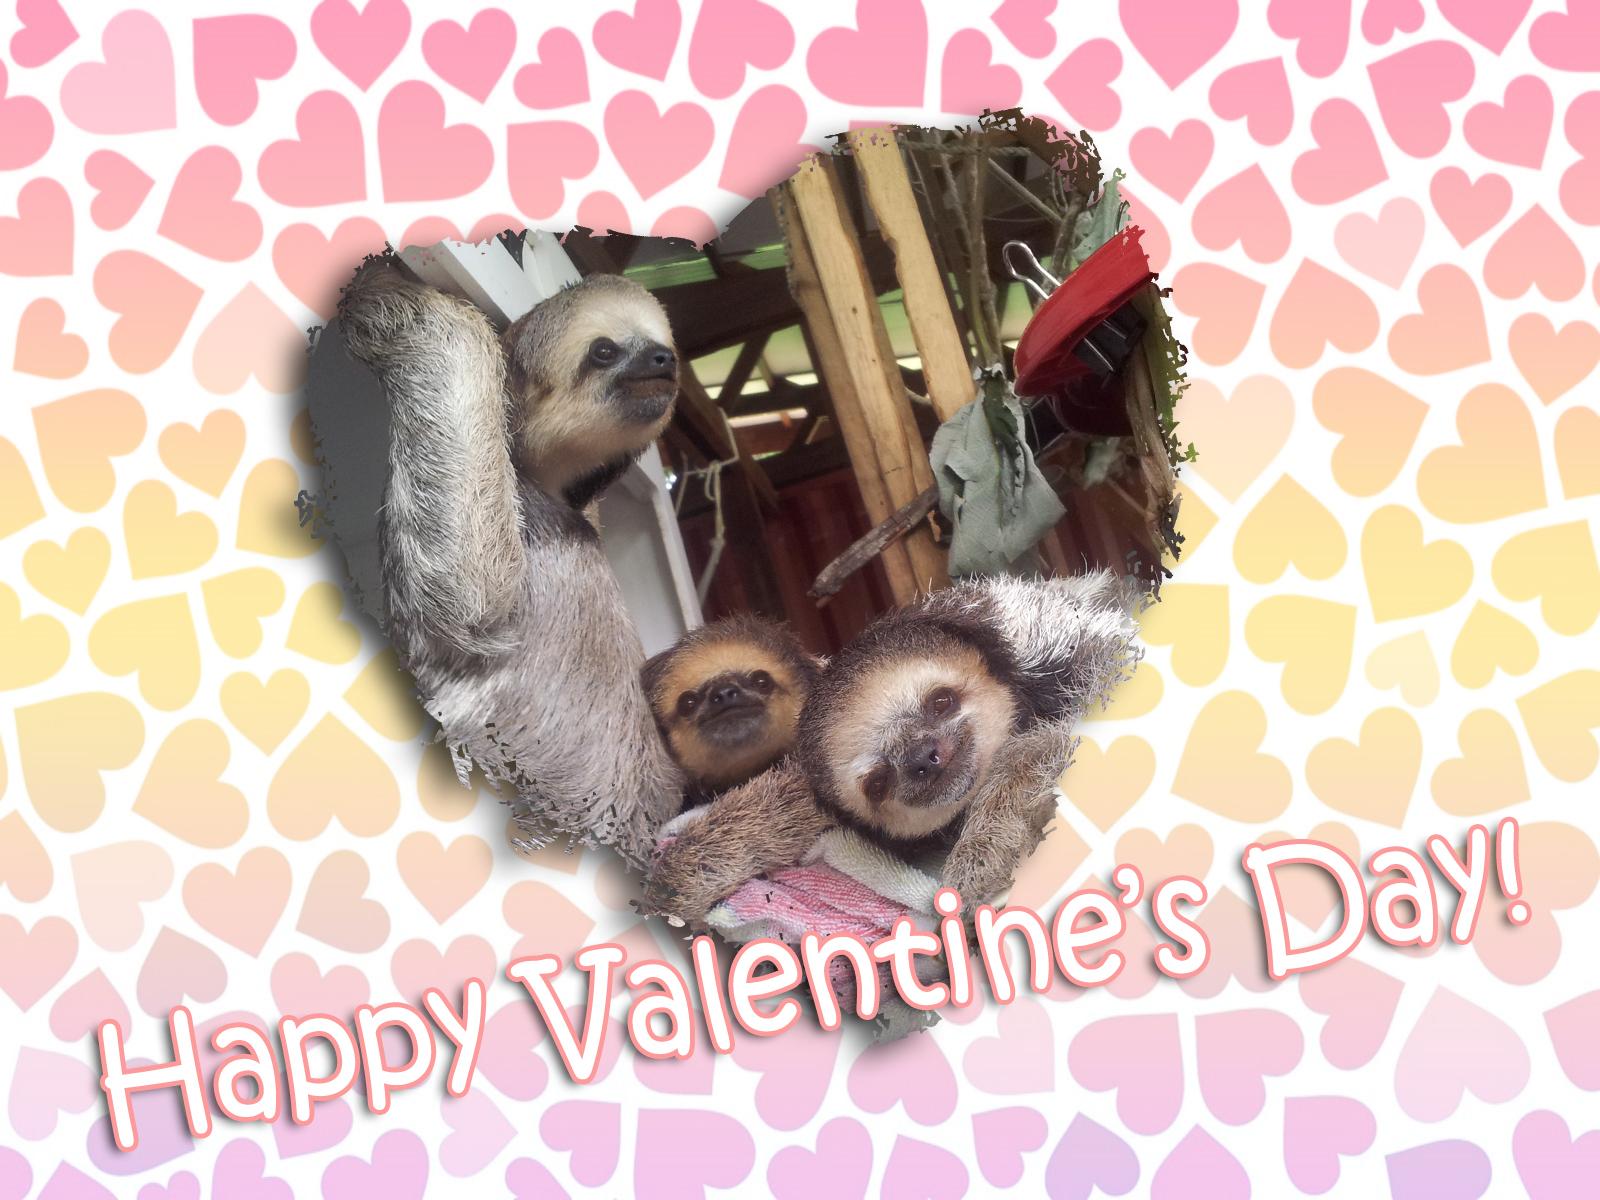 Happy Valentine's Day 1